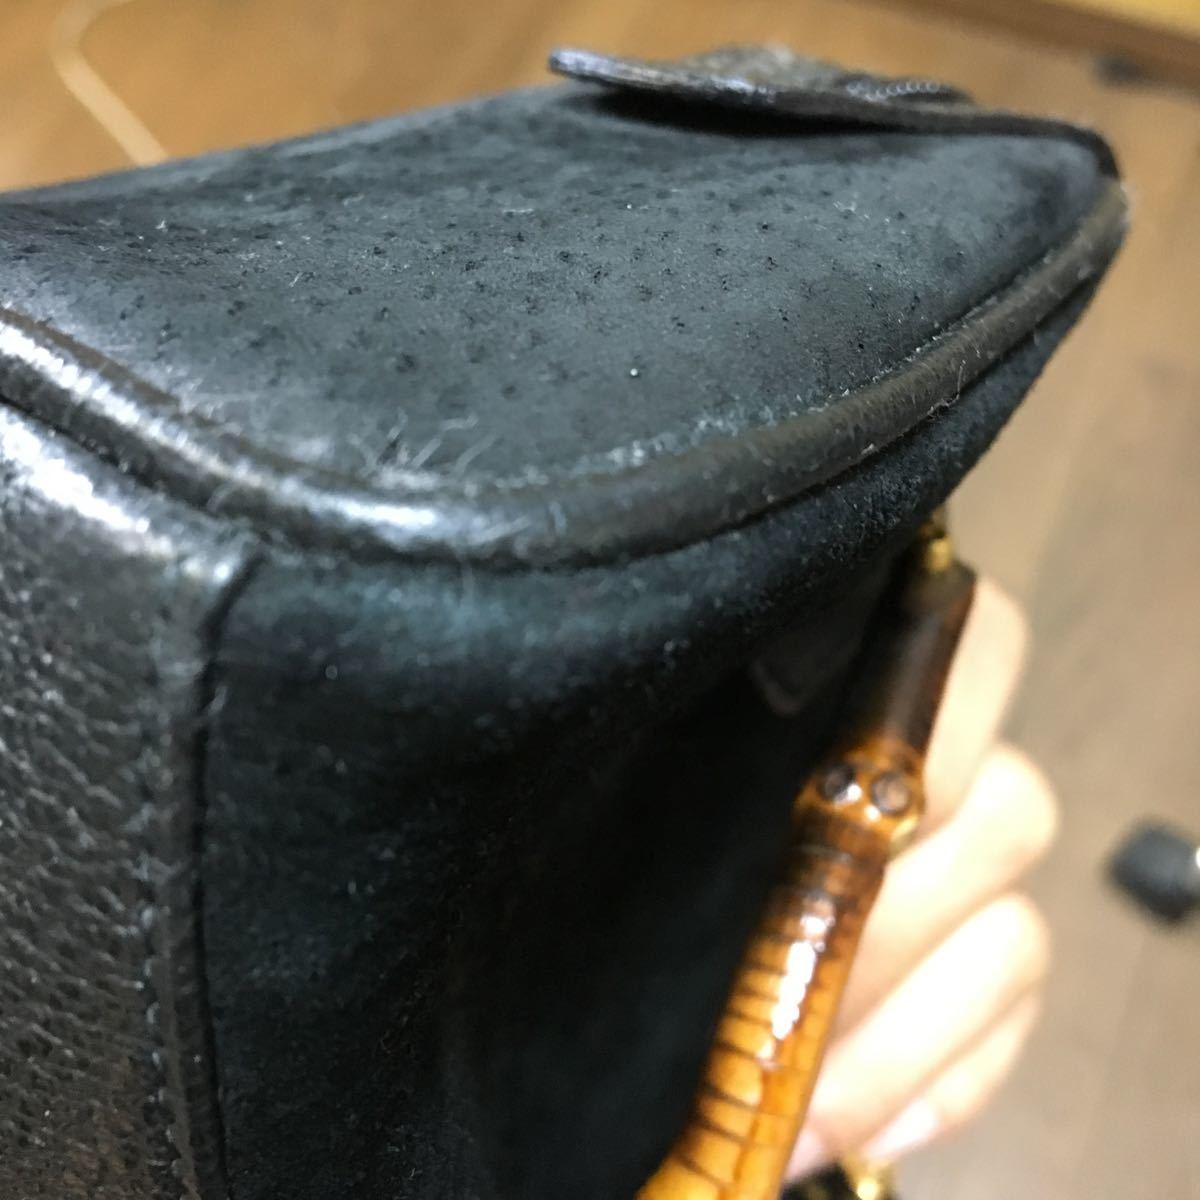 GUCCI グッチ BAMBOO バンブー 2WAY ミニ ショルダー ハンド BAG バッグ ポシェット ヴィンテージ OLD オールド スエード ブラック _画像4